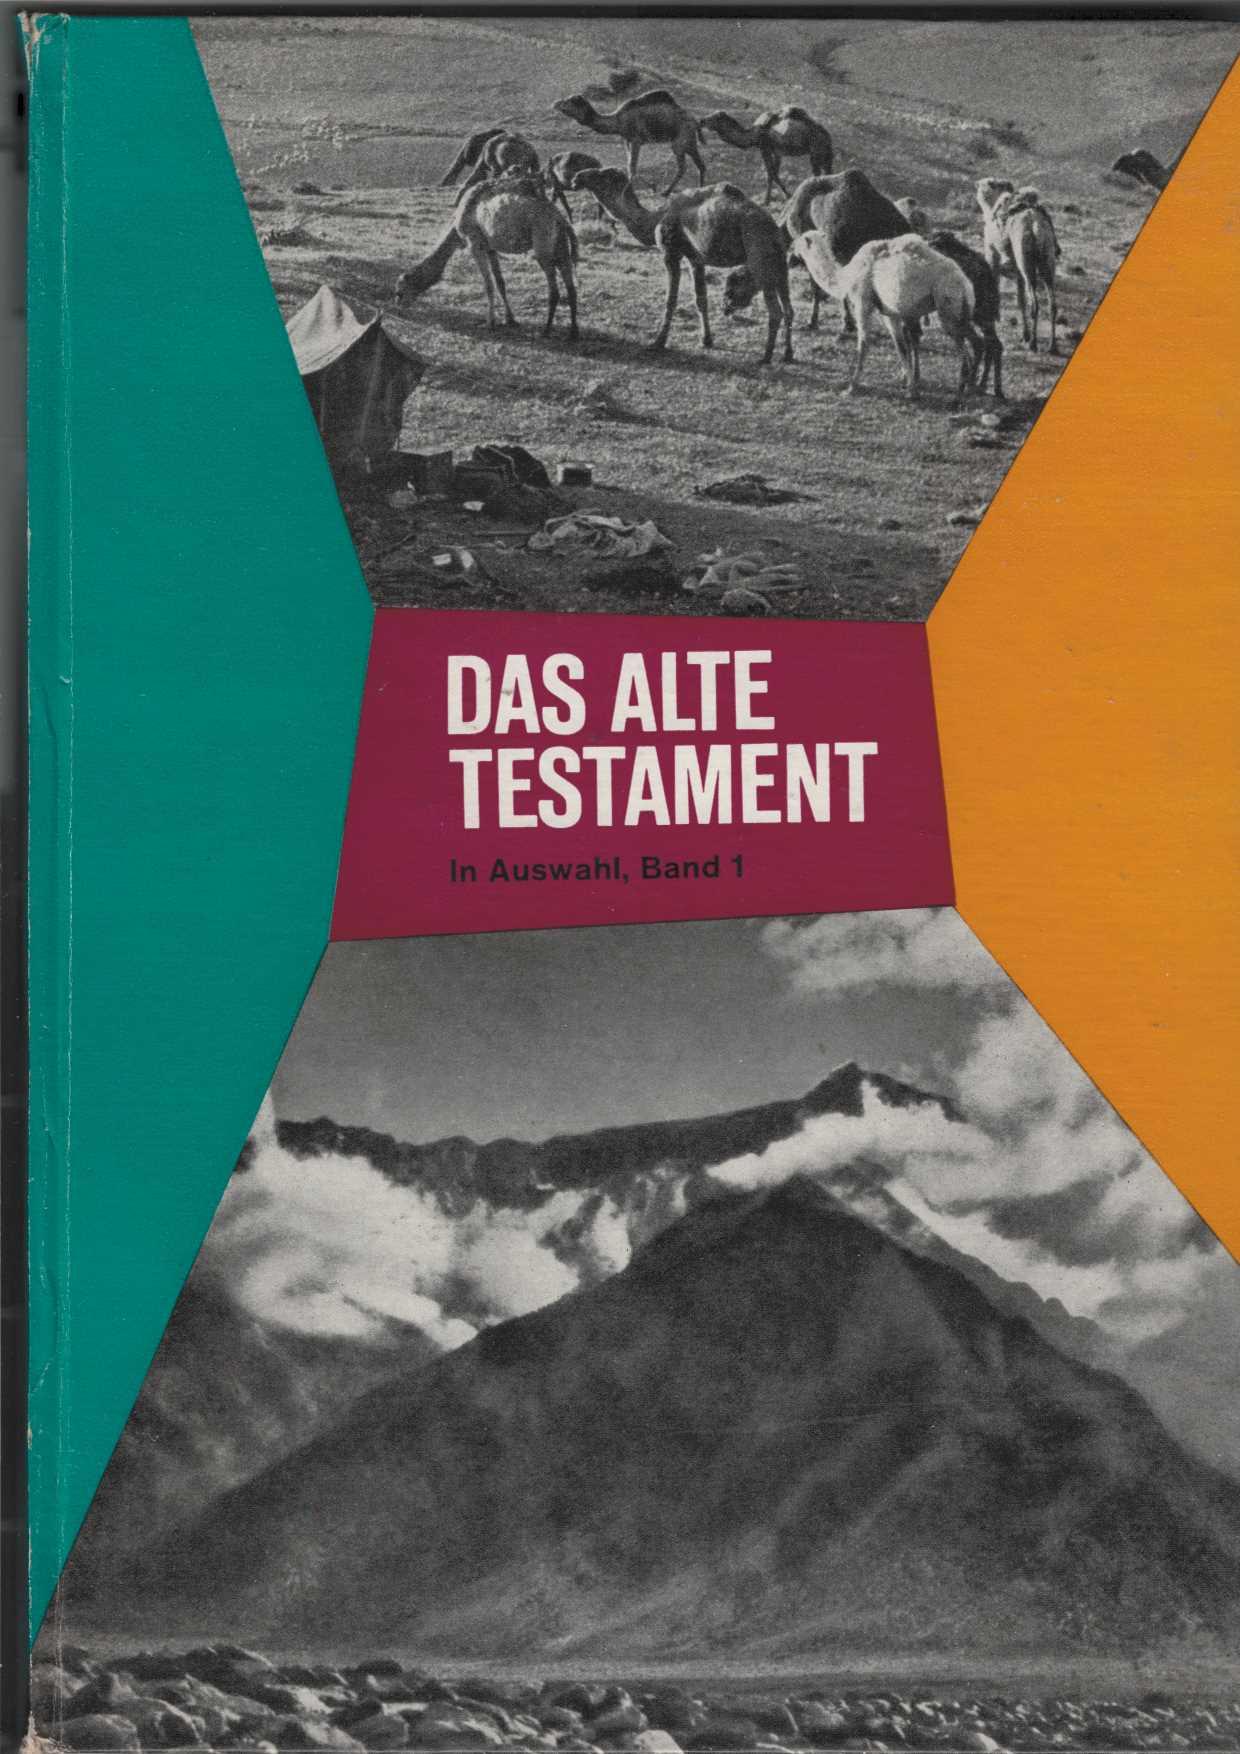 Das Alte Testament. In Auswahl, Band 1. In vier Teilen zu je zweiunddreißig Seiten mit über zweihundert Illustrationen und vielen Karten. 2. Aufl.,